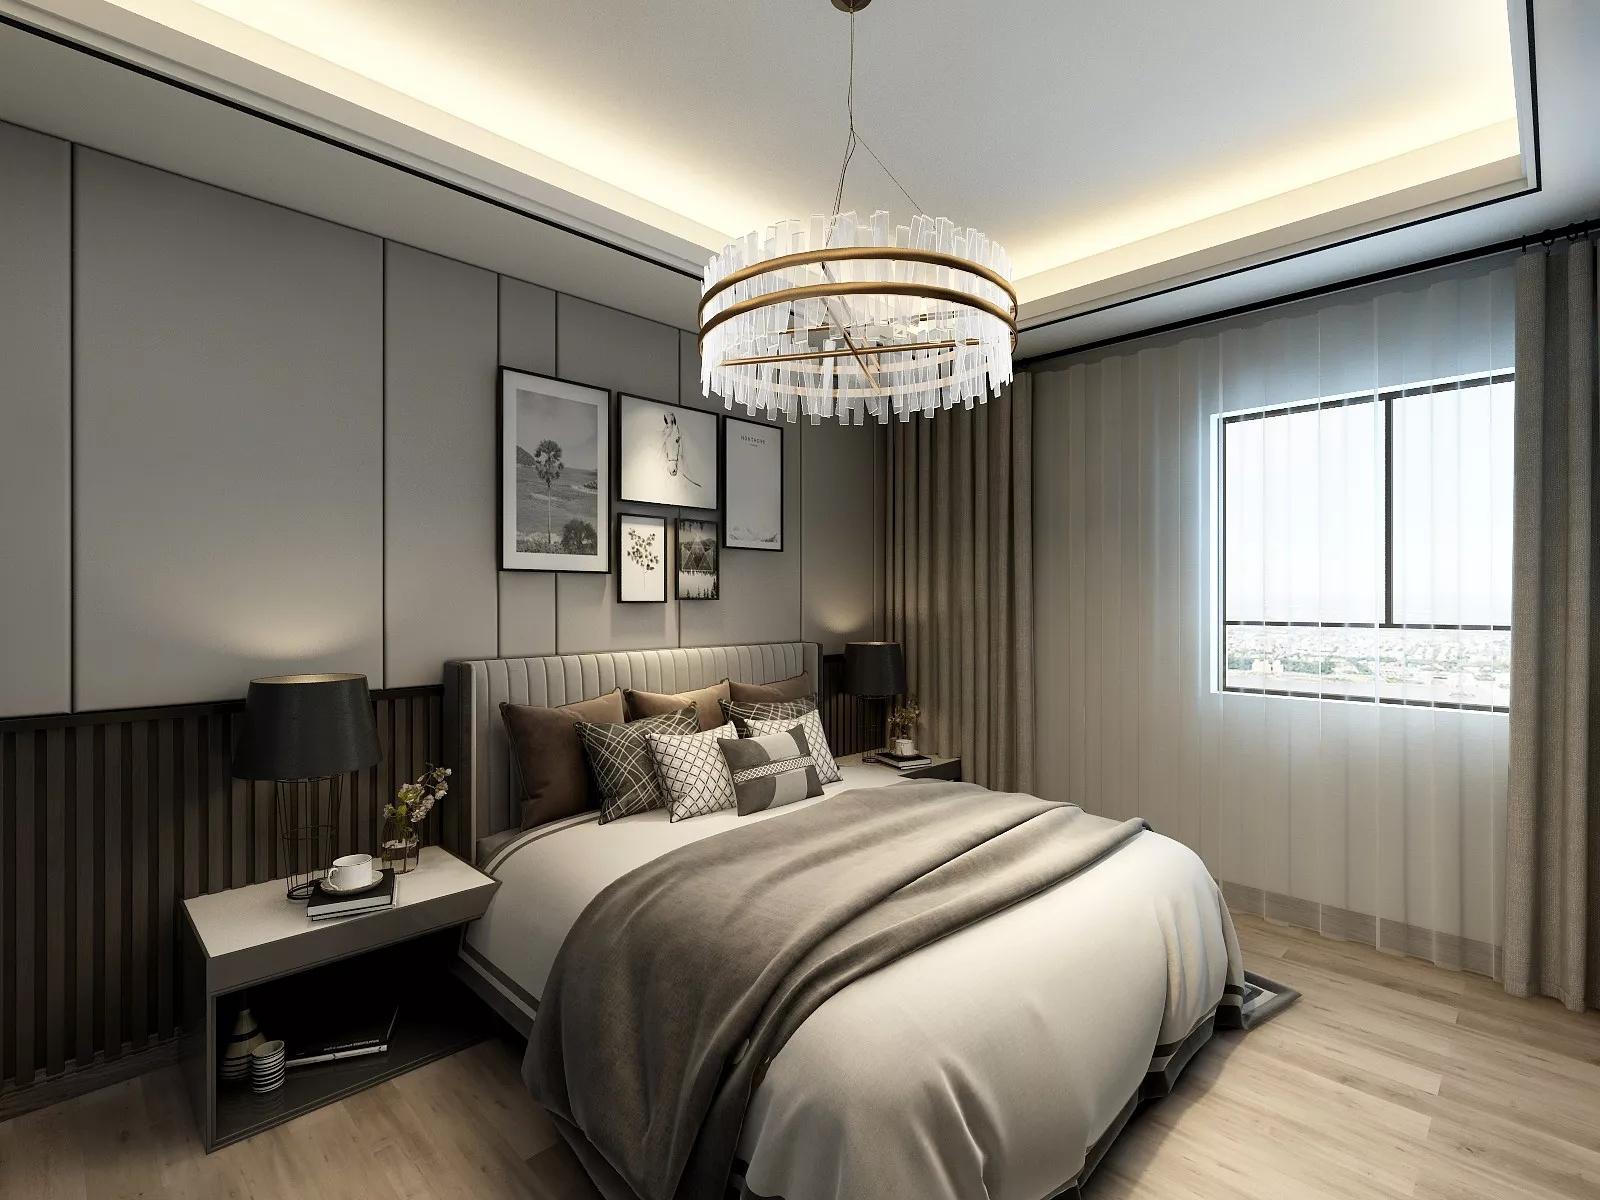 日式风格简约实用型卧室装修效果图